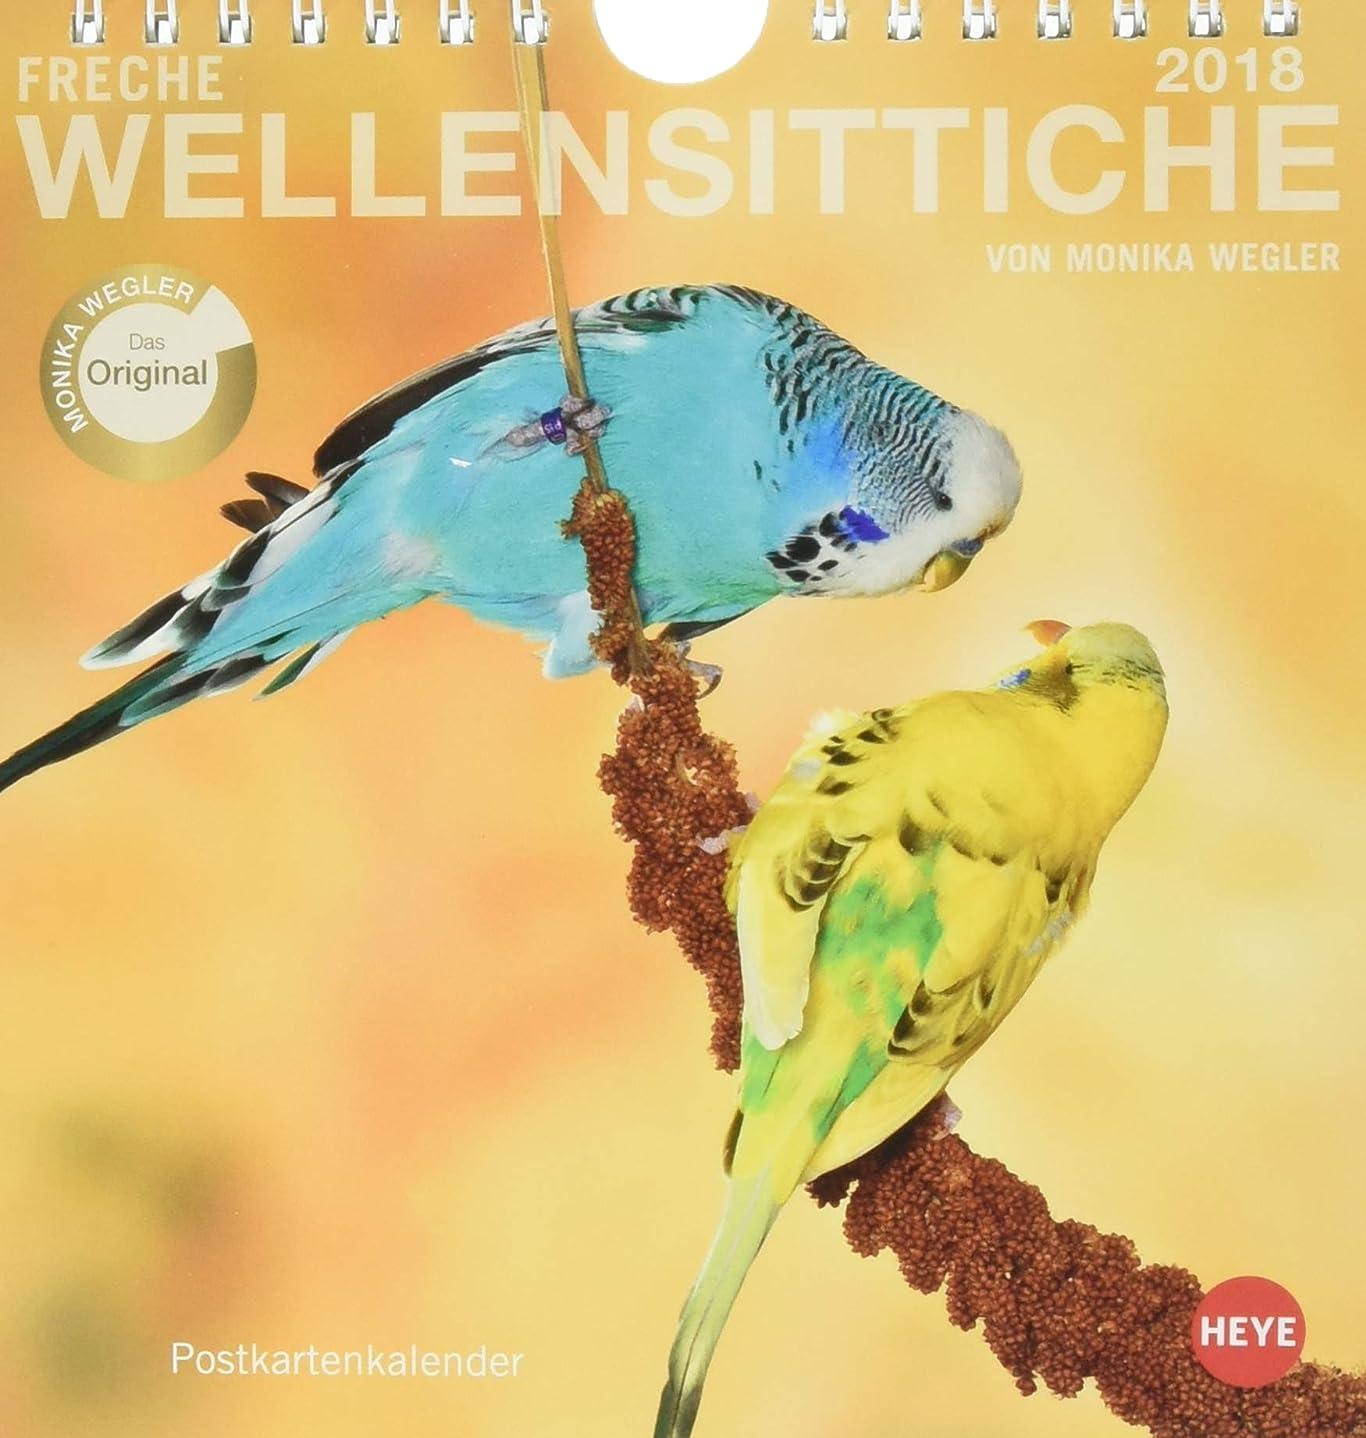 アート居眠りする管理者Freche Wellensittiche 2018. Postkartenkalender